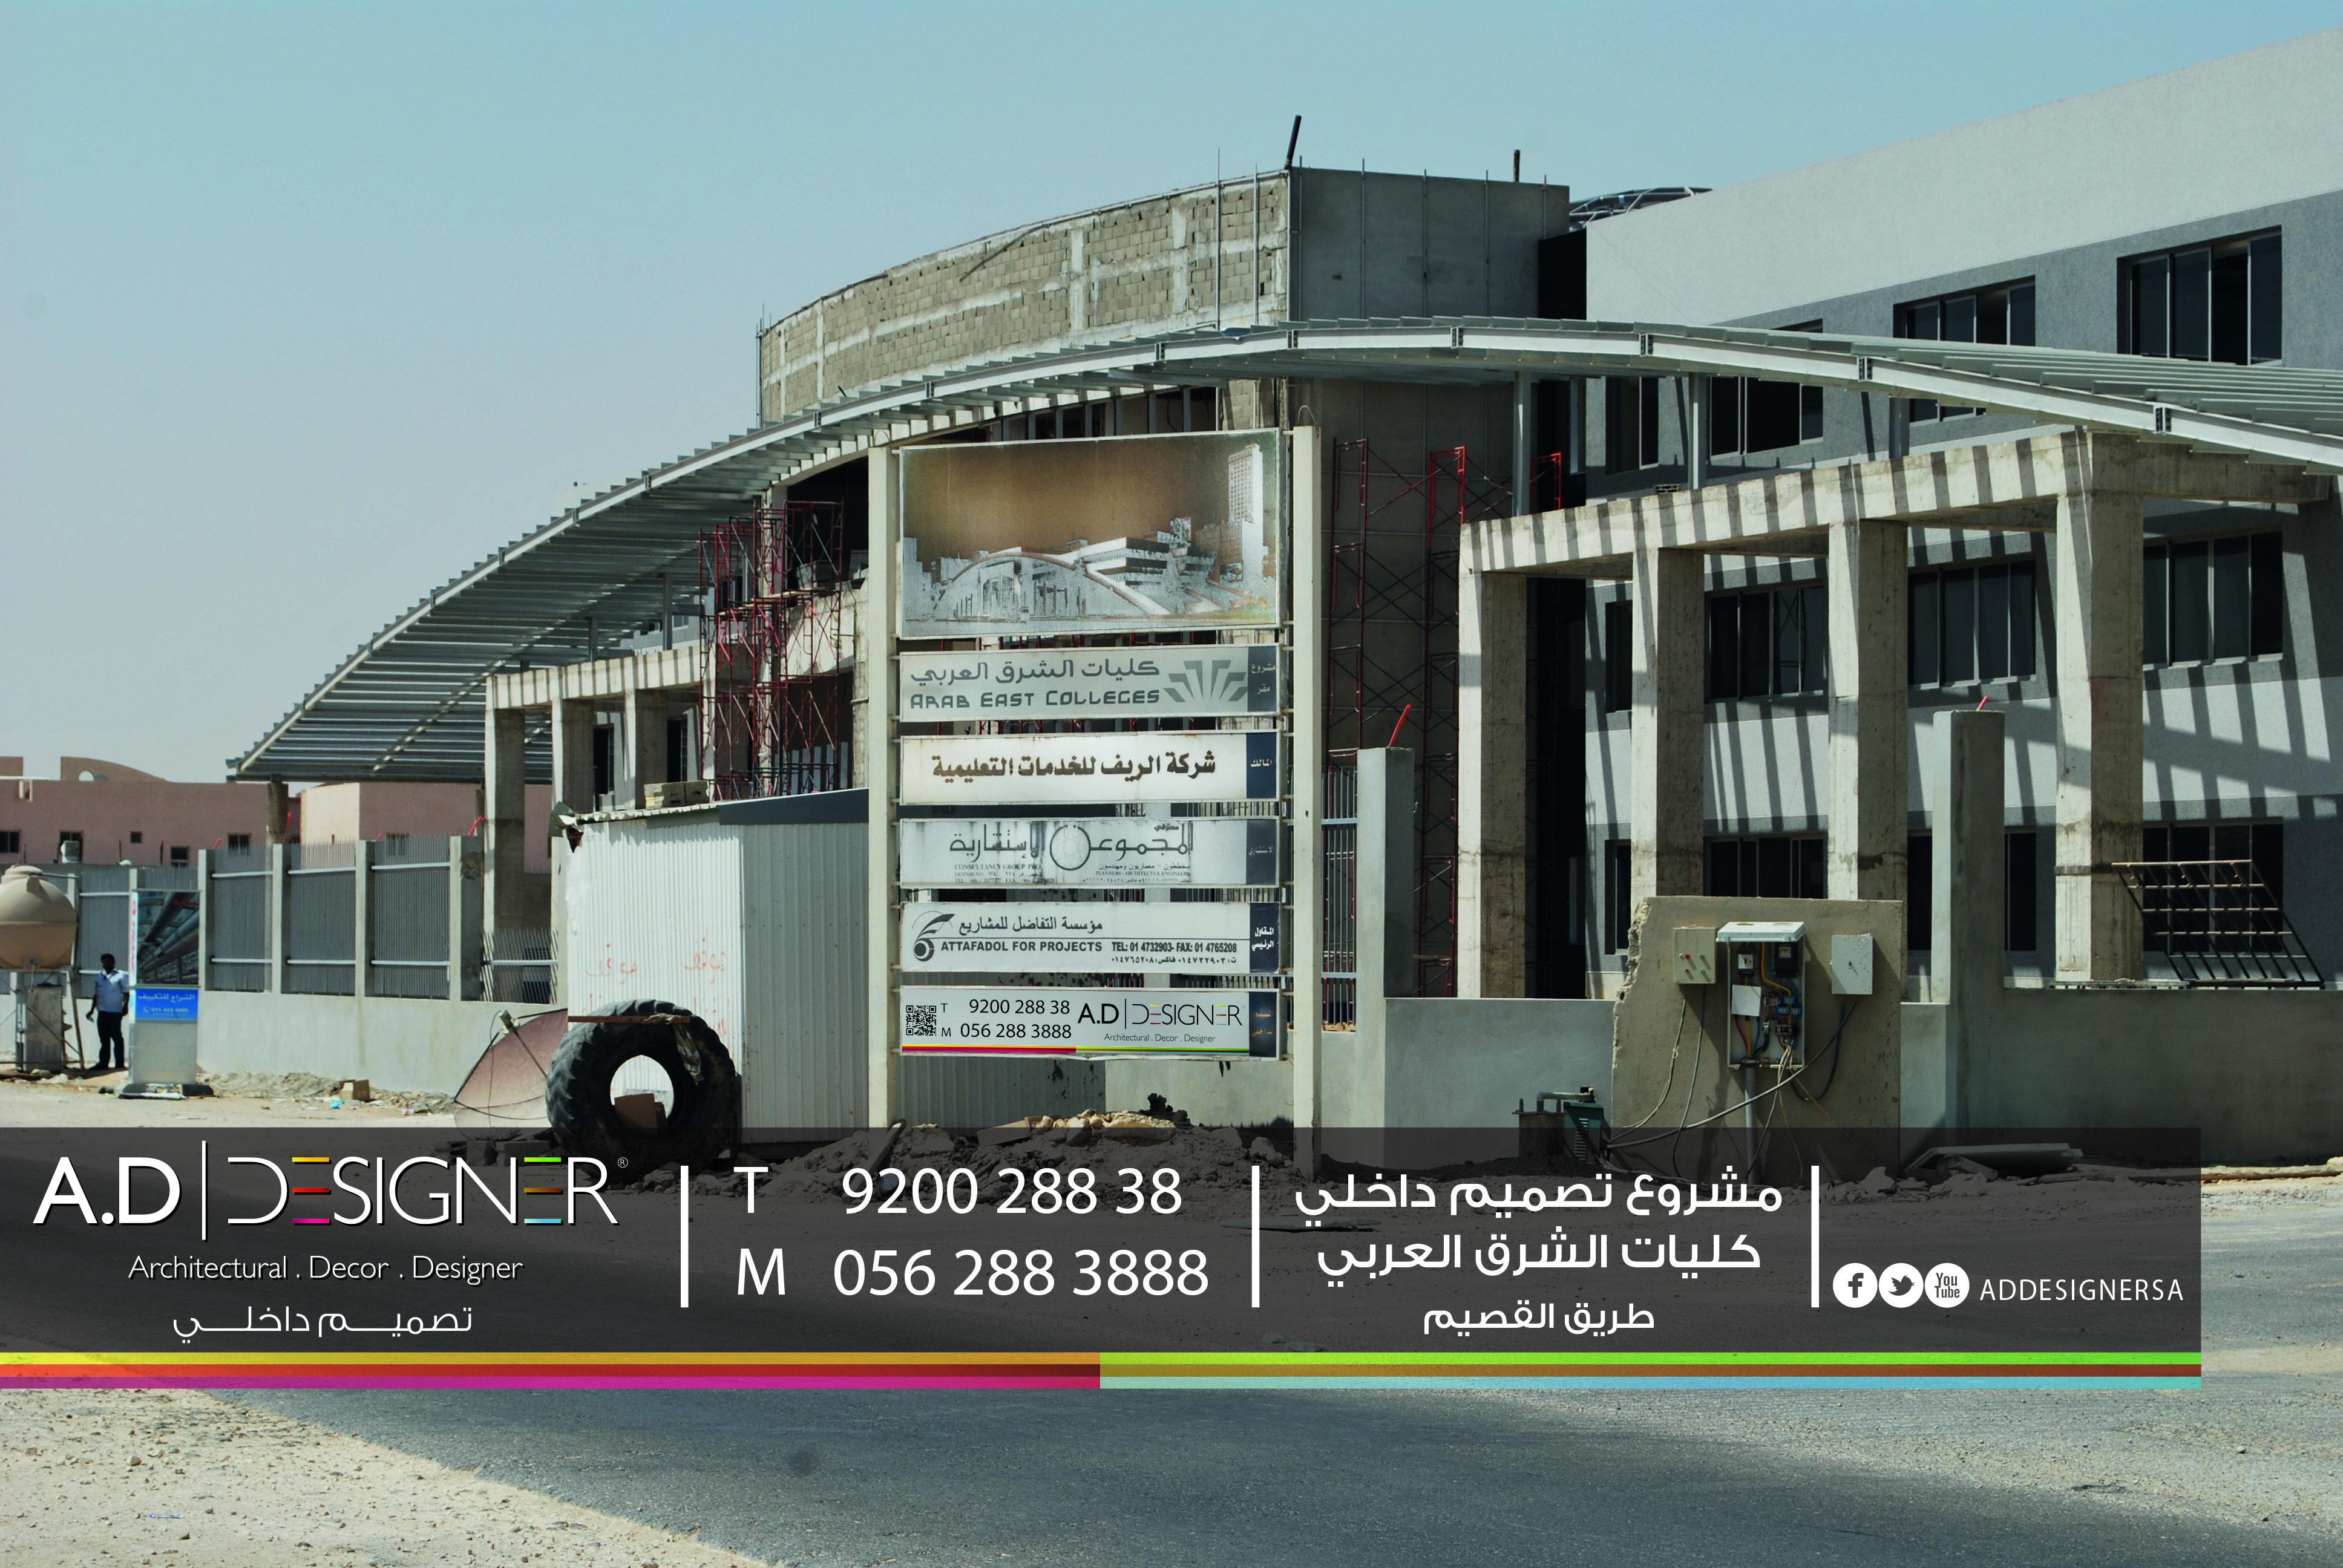 مشروع تصميم داخلي كلية الشرق العربي الرياض Addesigner تصميم داخلي ديكور السعودية الرياض البحرين Interior Design Projects Design Design Projects